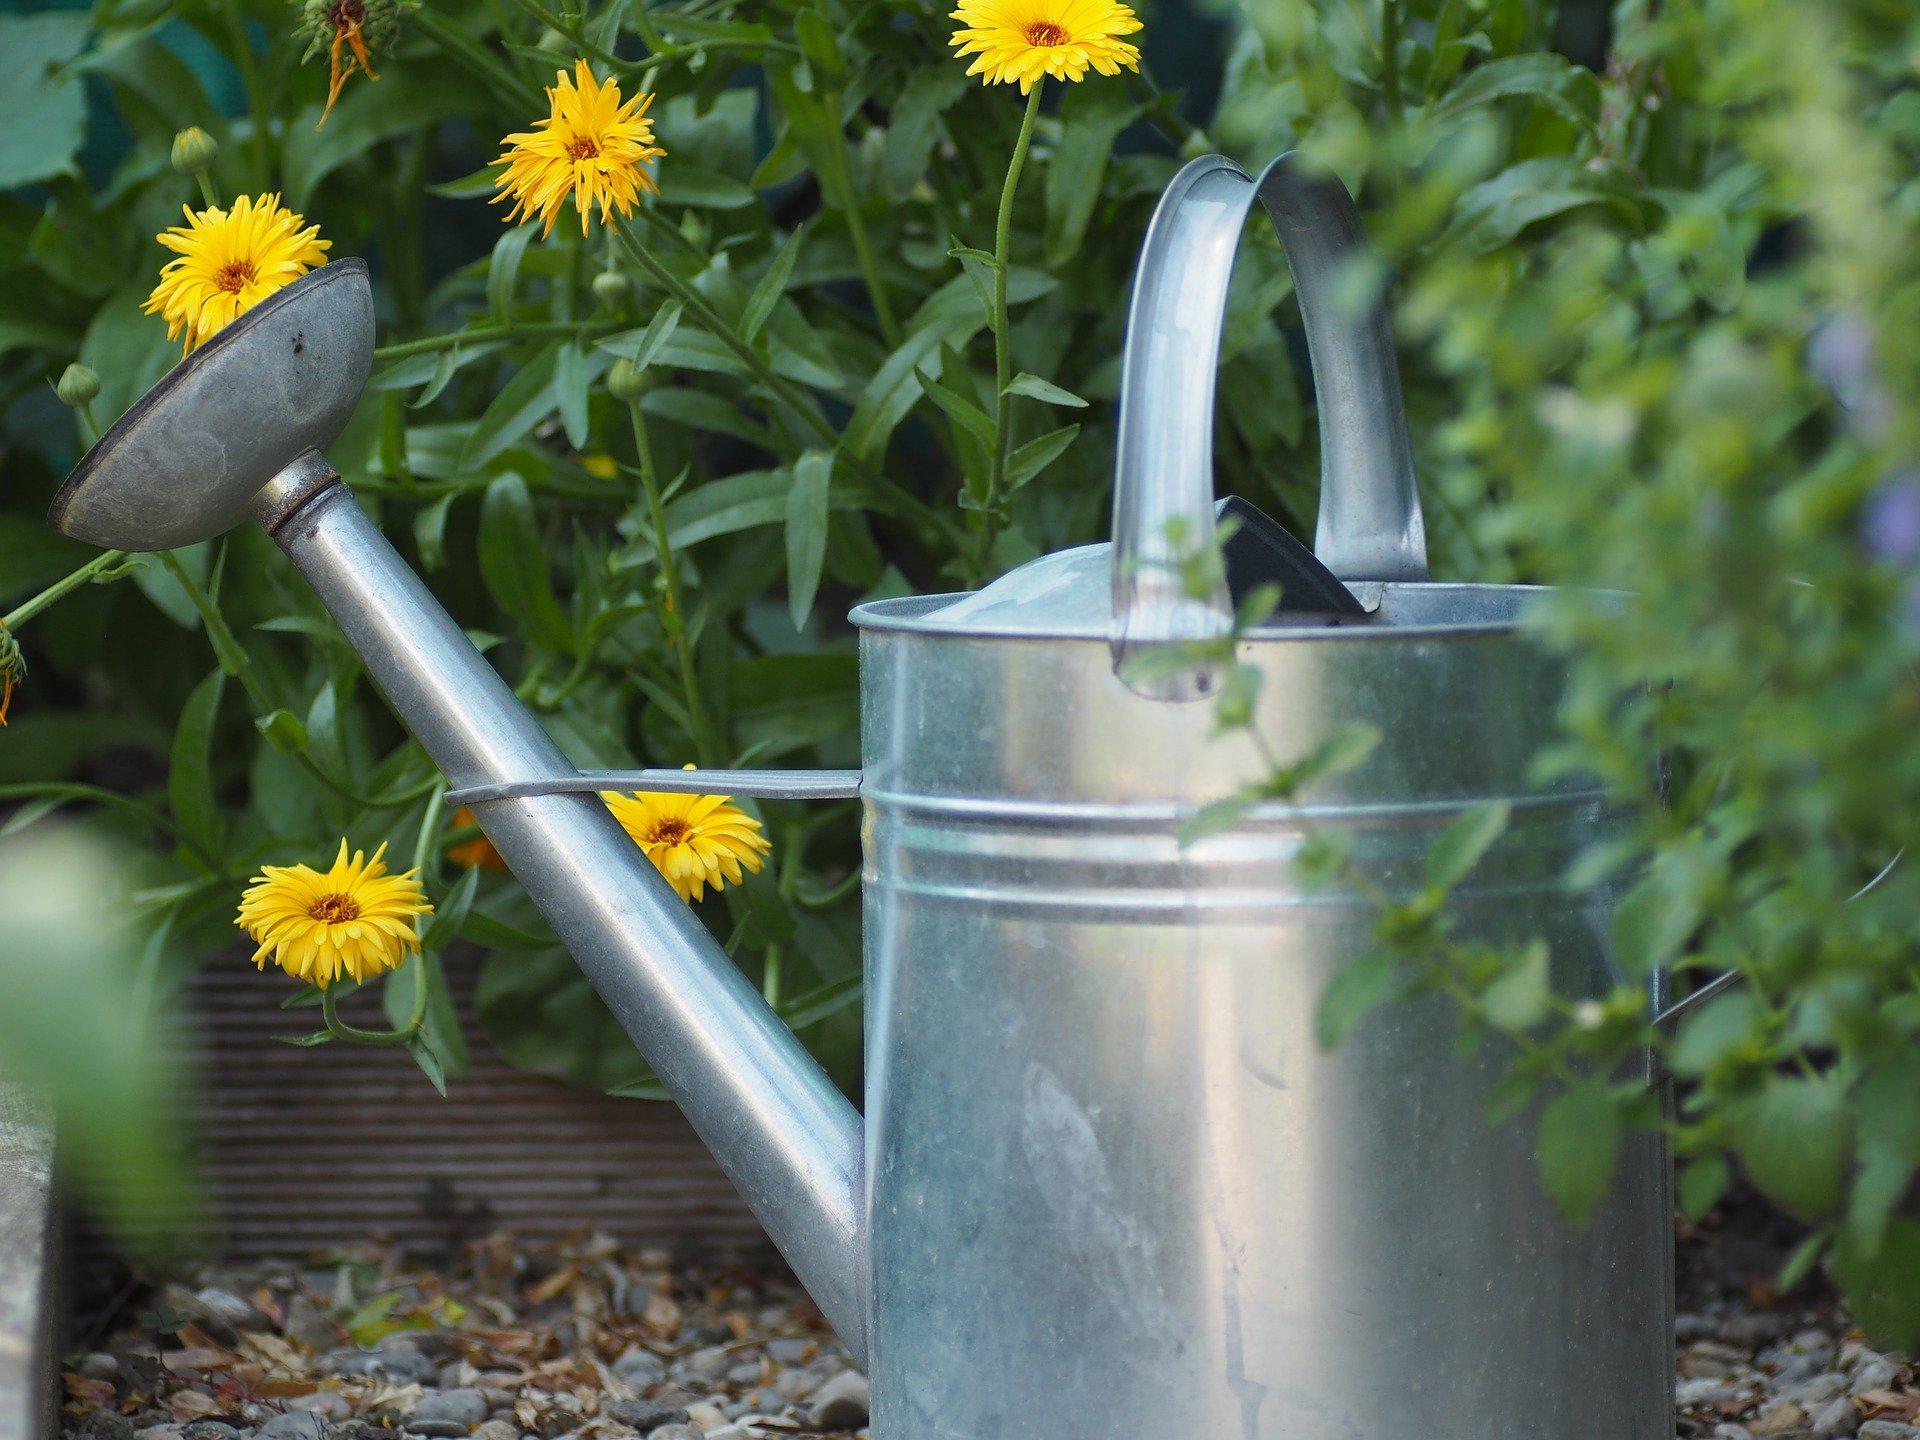 Bürgerantrag gemäß § 24 GO NRW: Wasserzapfstelle auf dem Frankenbadplatz schaffen; Urban-Gardening-Initiativen unterstützen